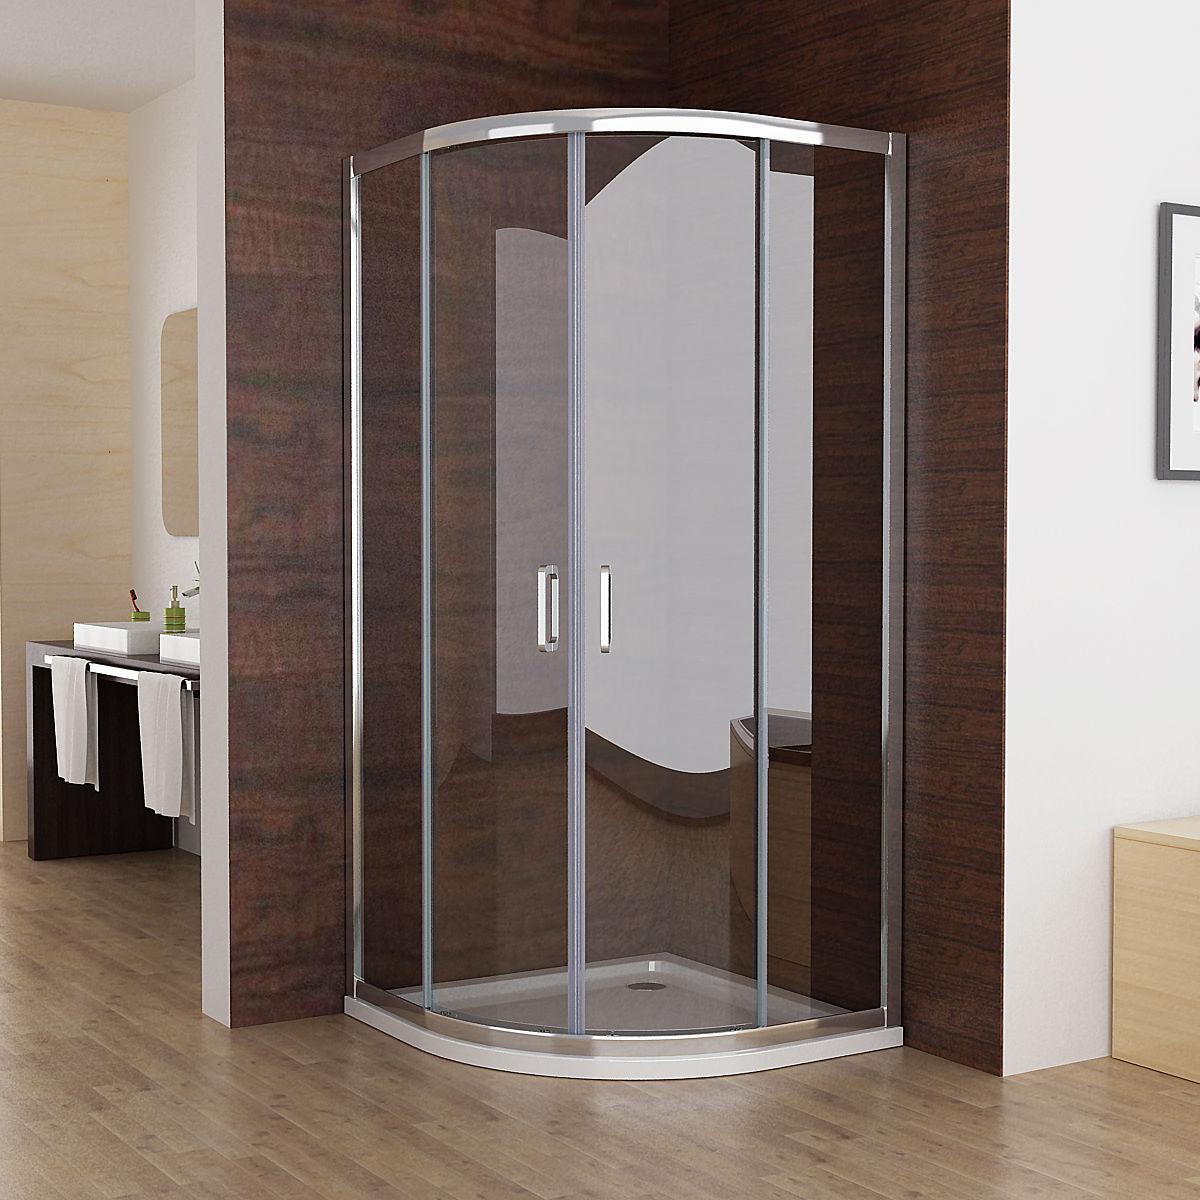 90x90cm Viertelkreis Duschkabine Runddusche Schiebetür Duschabtrennung  Dusche Echtglas Ohne Duschwanne HBS